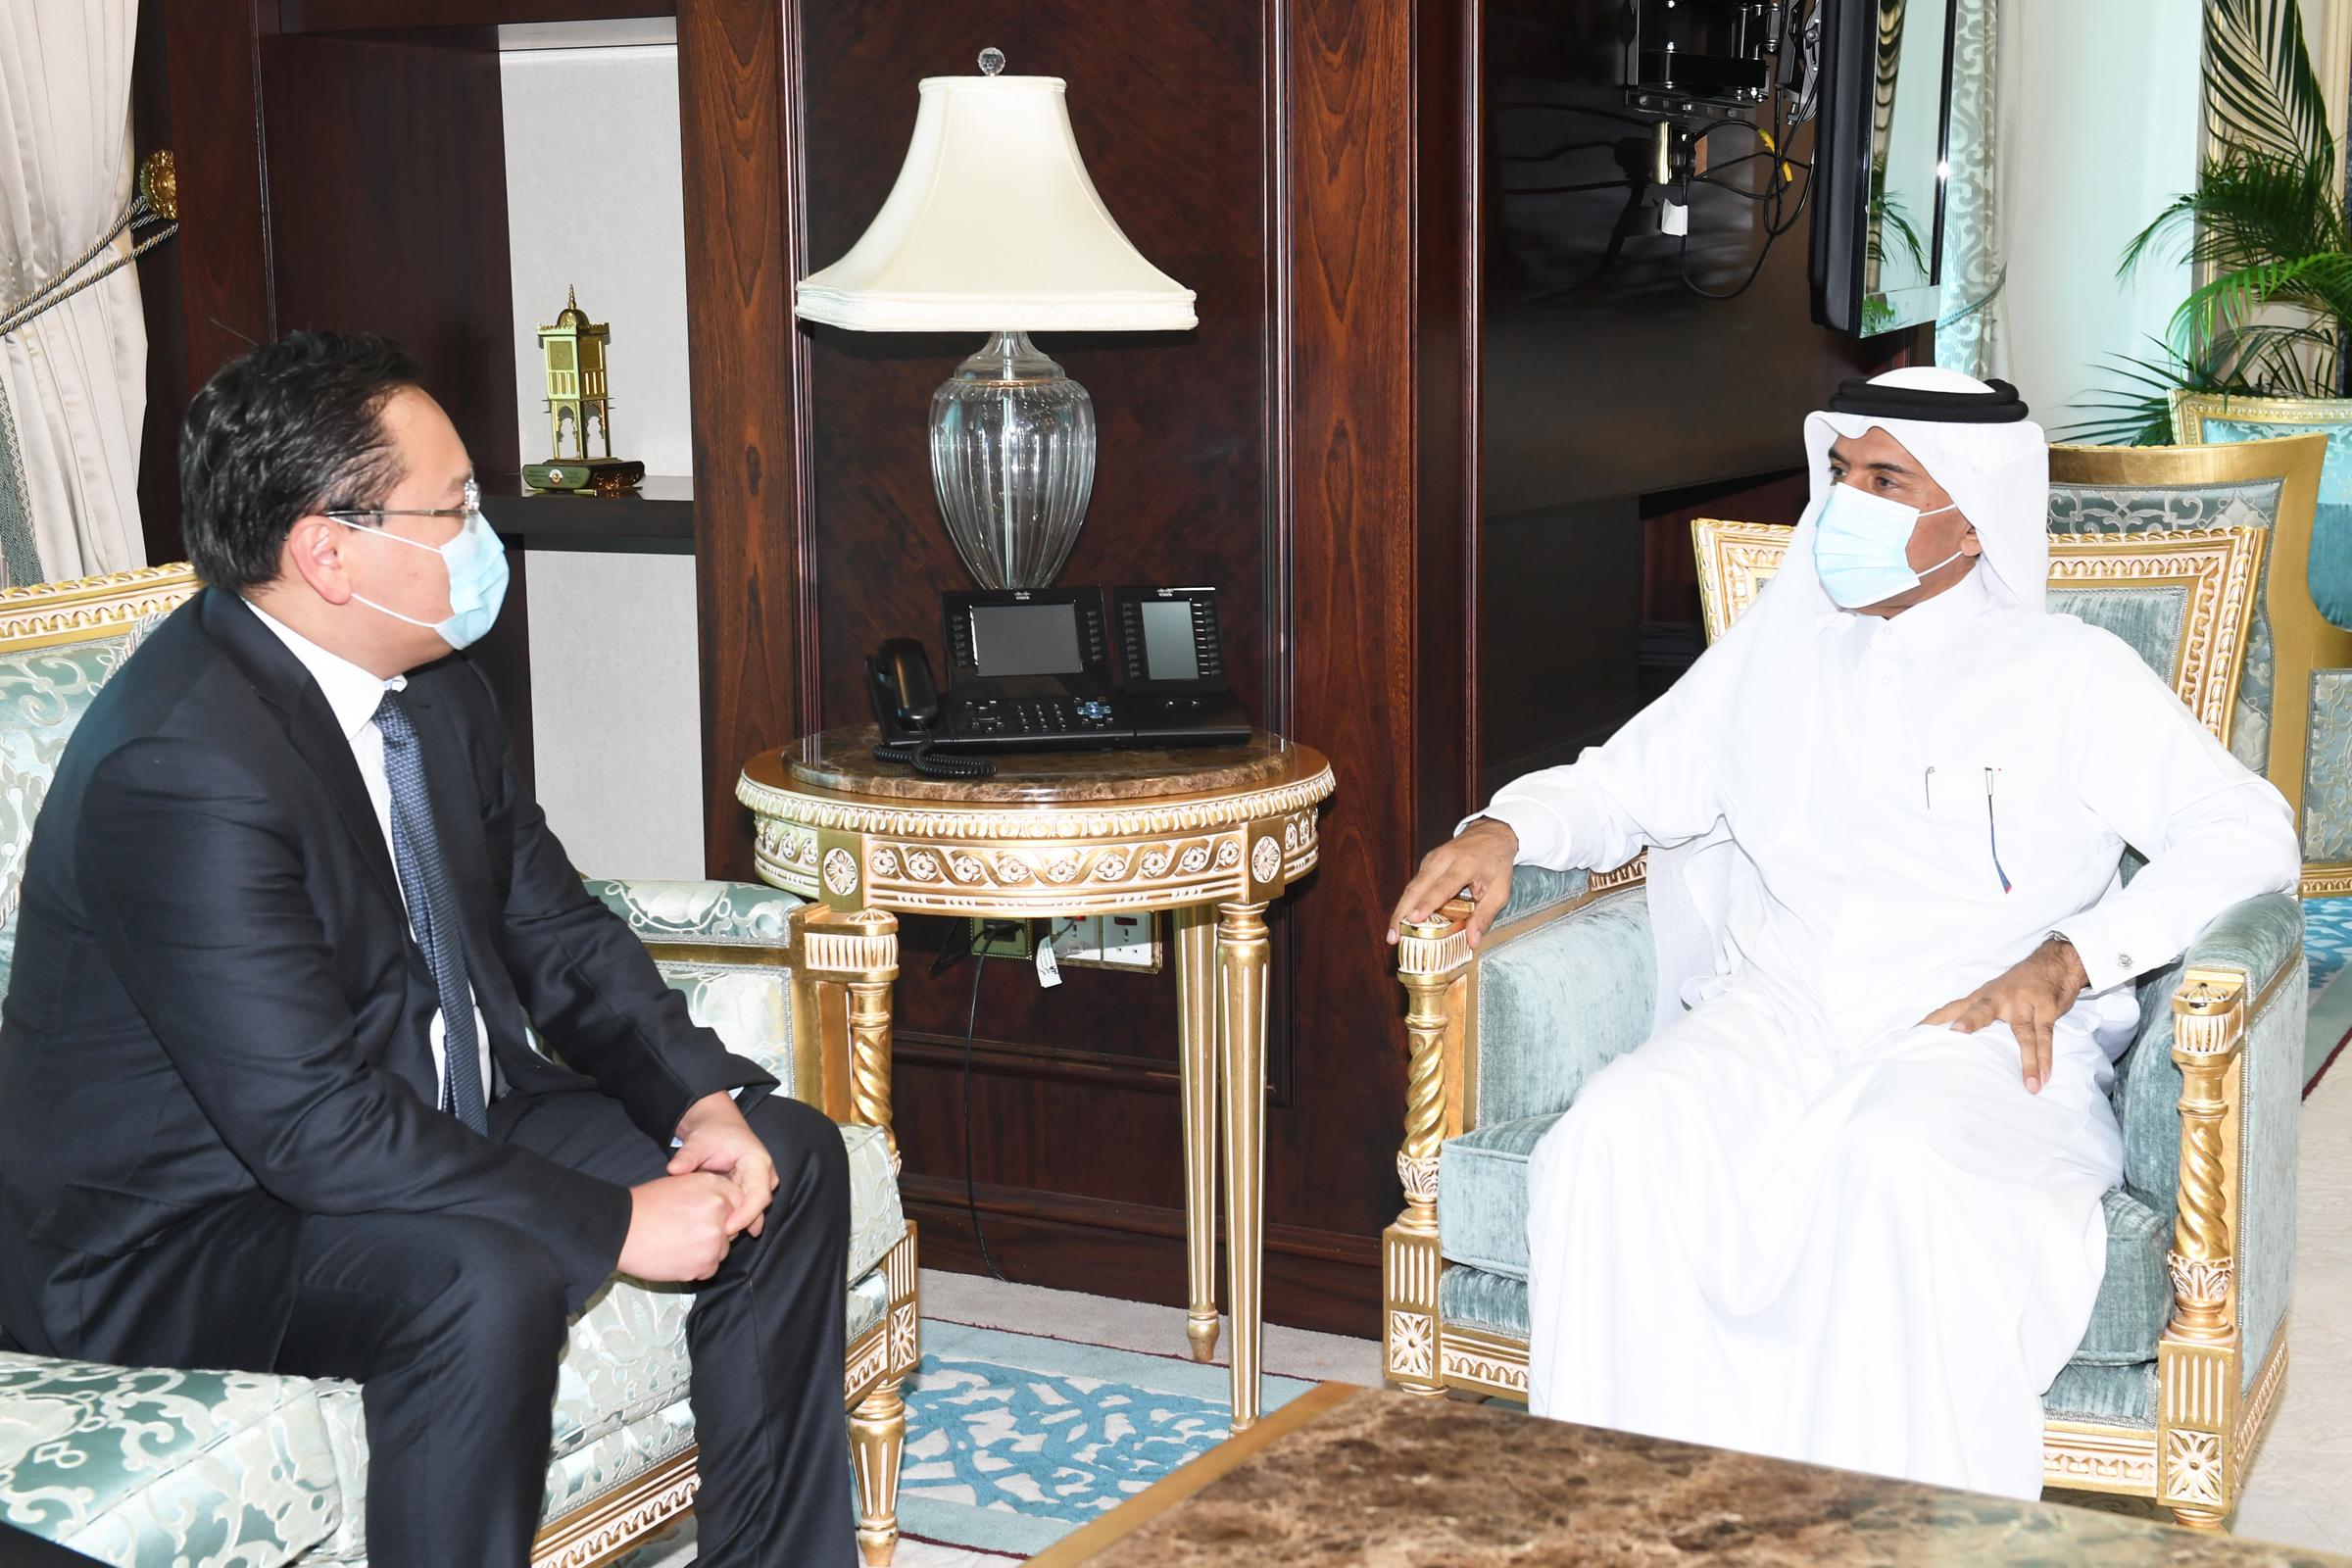 الأمين العام لوزارة الخارجية يجتمع مع سفير منغوليا